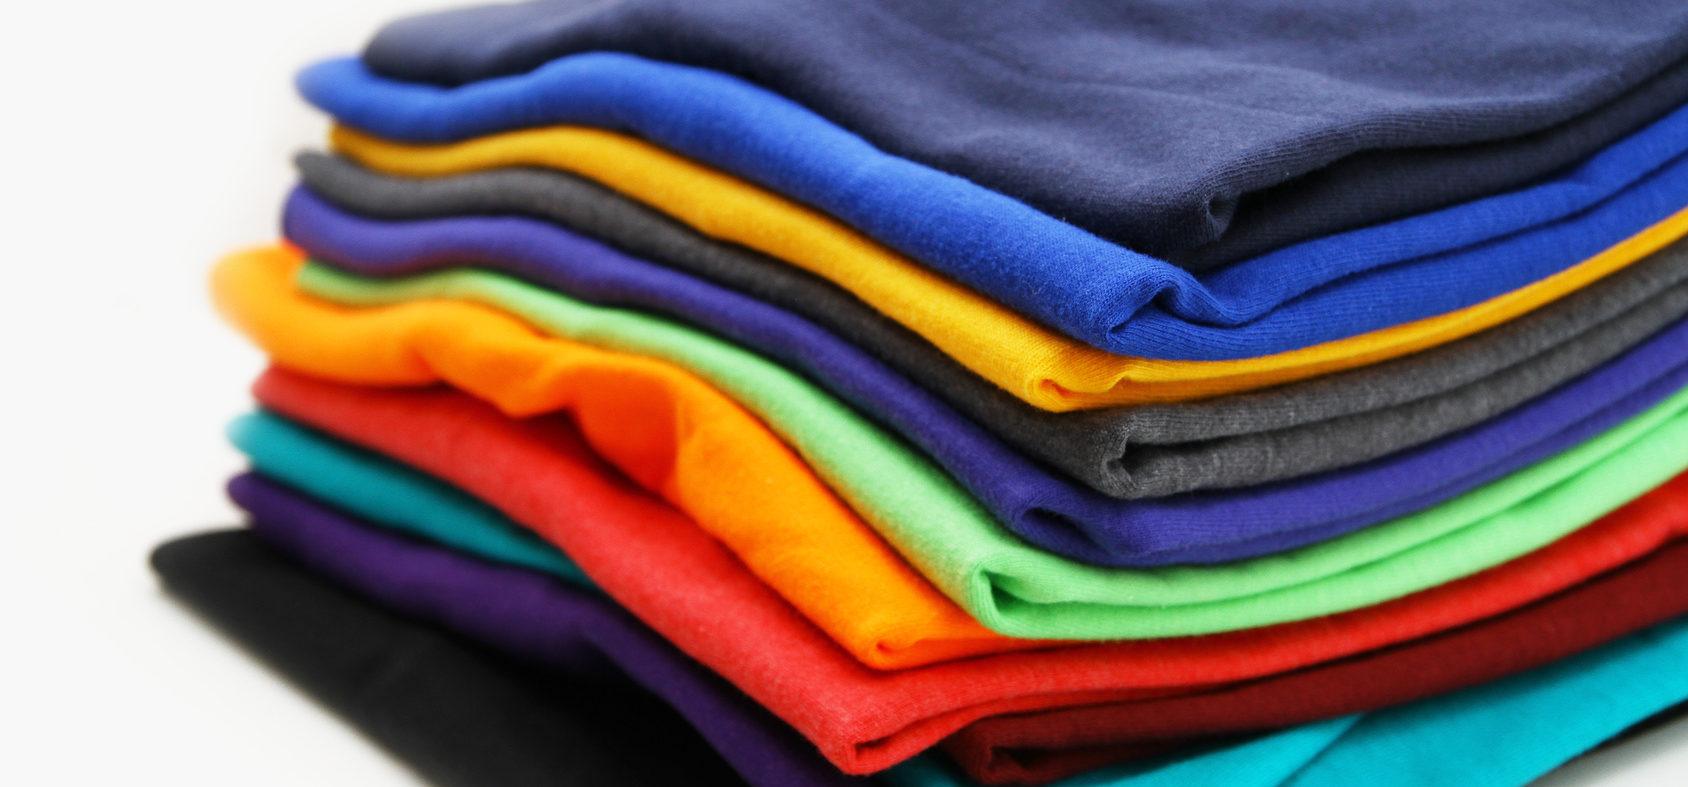 Consigli su come lavare tessuti colorati